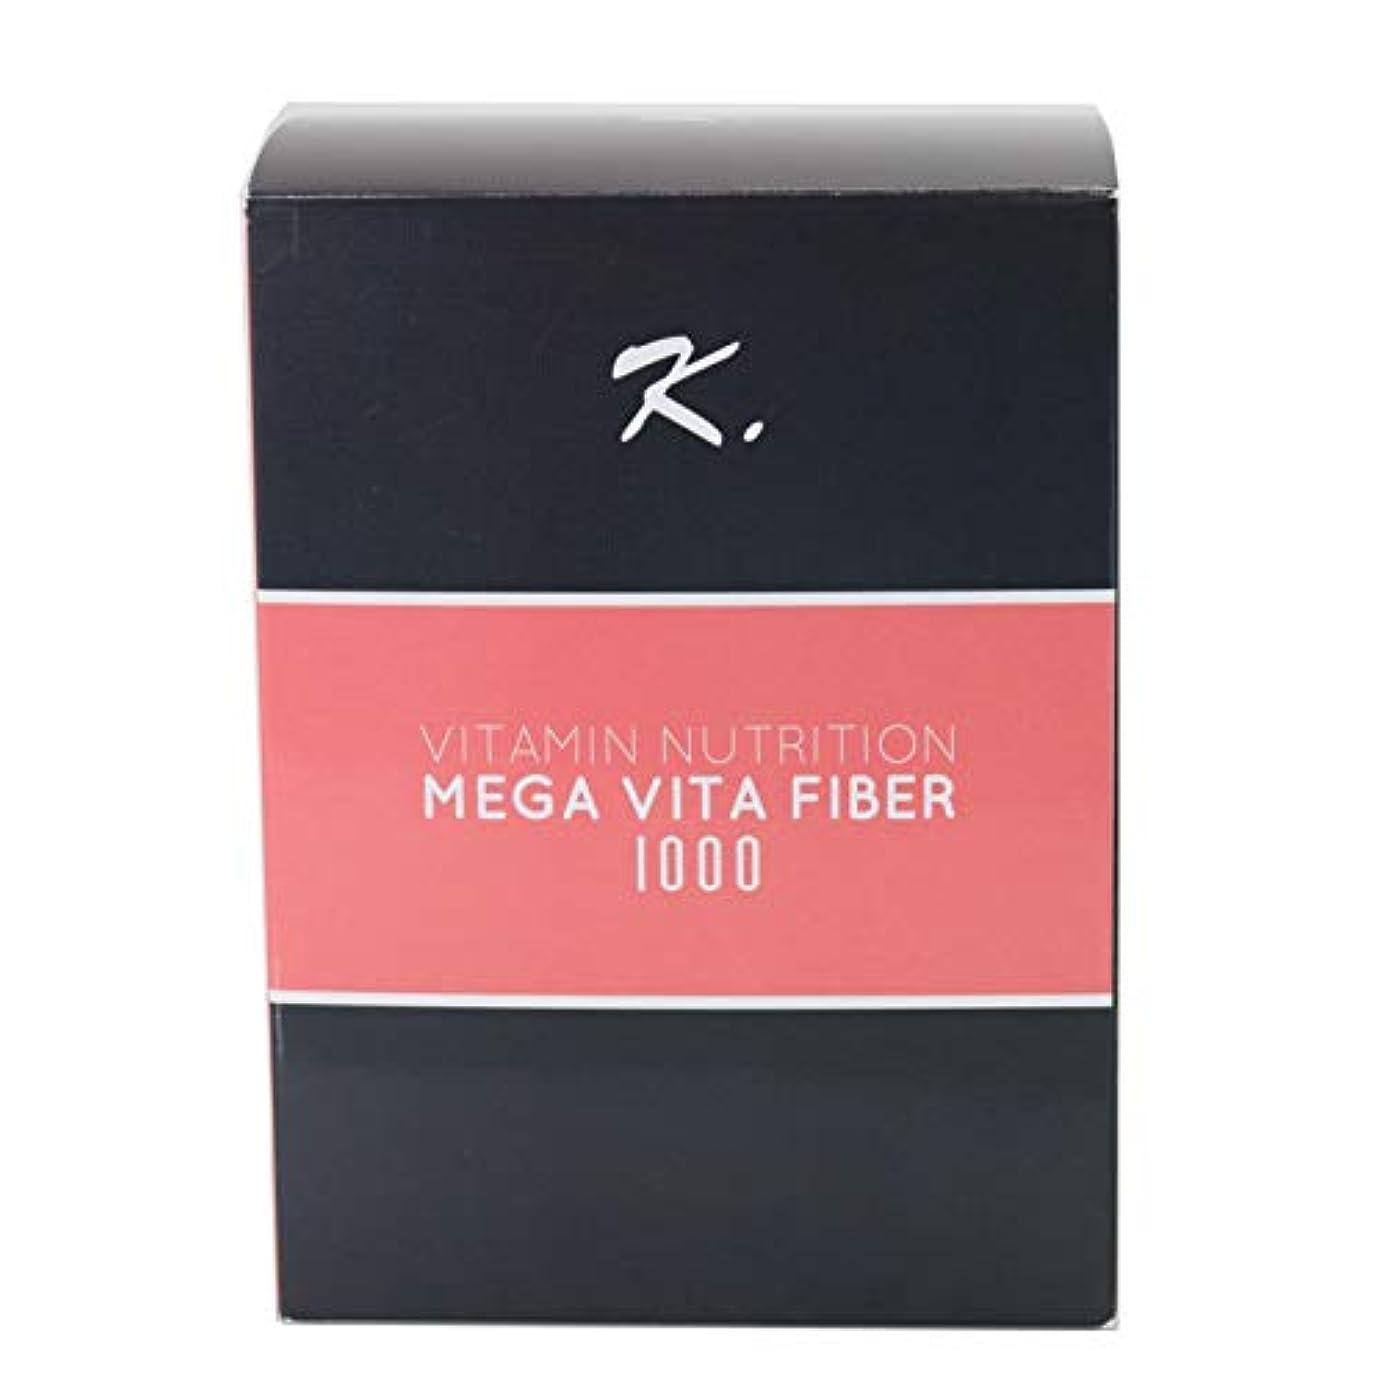 明示的に承認やろうMEGA VITA FIBER 1000 食物繊維 ビタミンC ダイエット 糖質制限 サプリメント